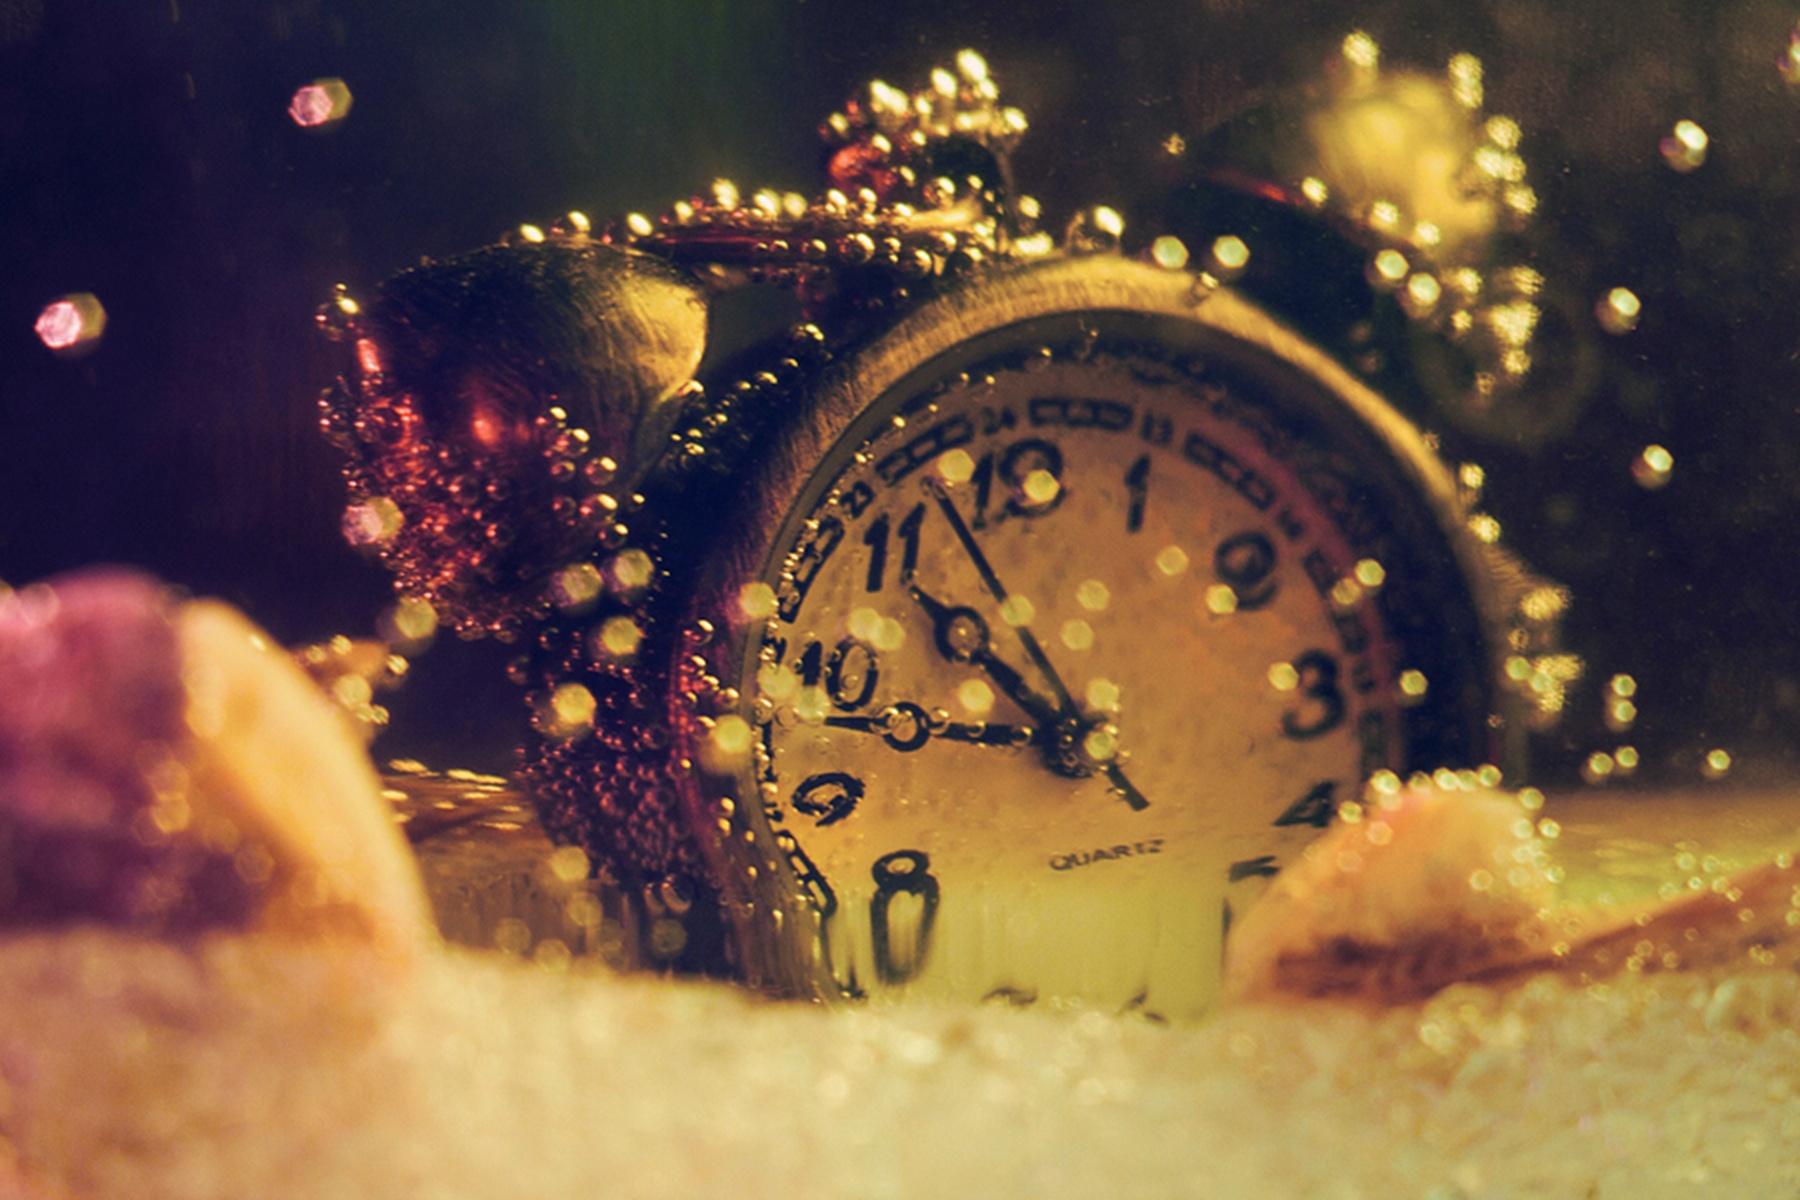 Когда загадывают желания на новый год и рождество